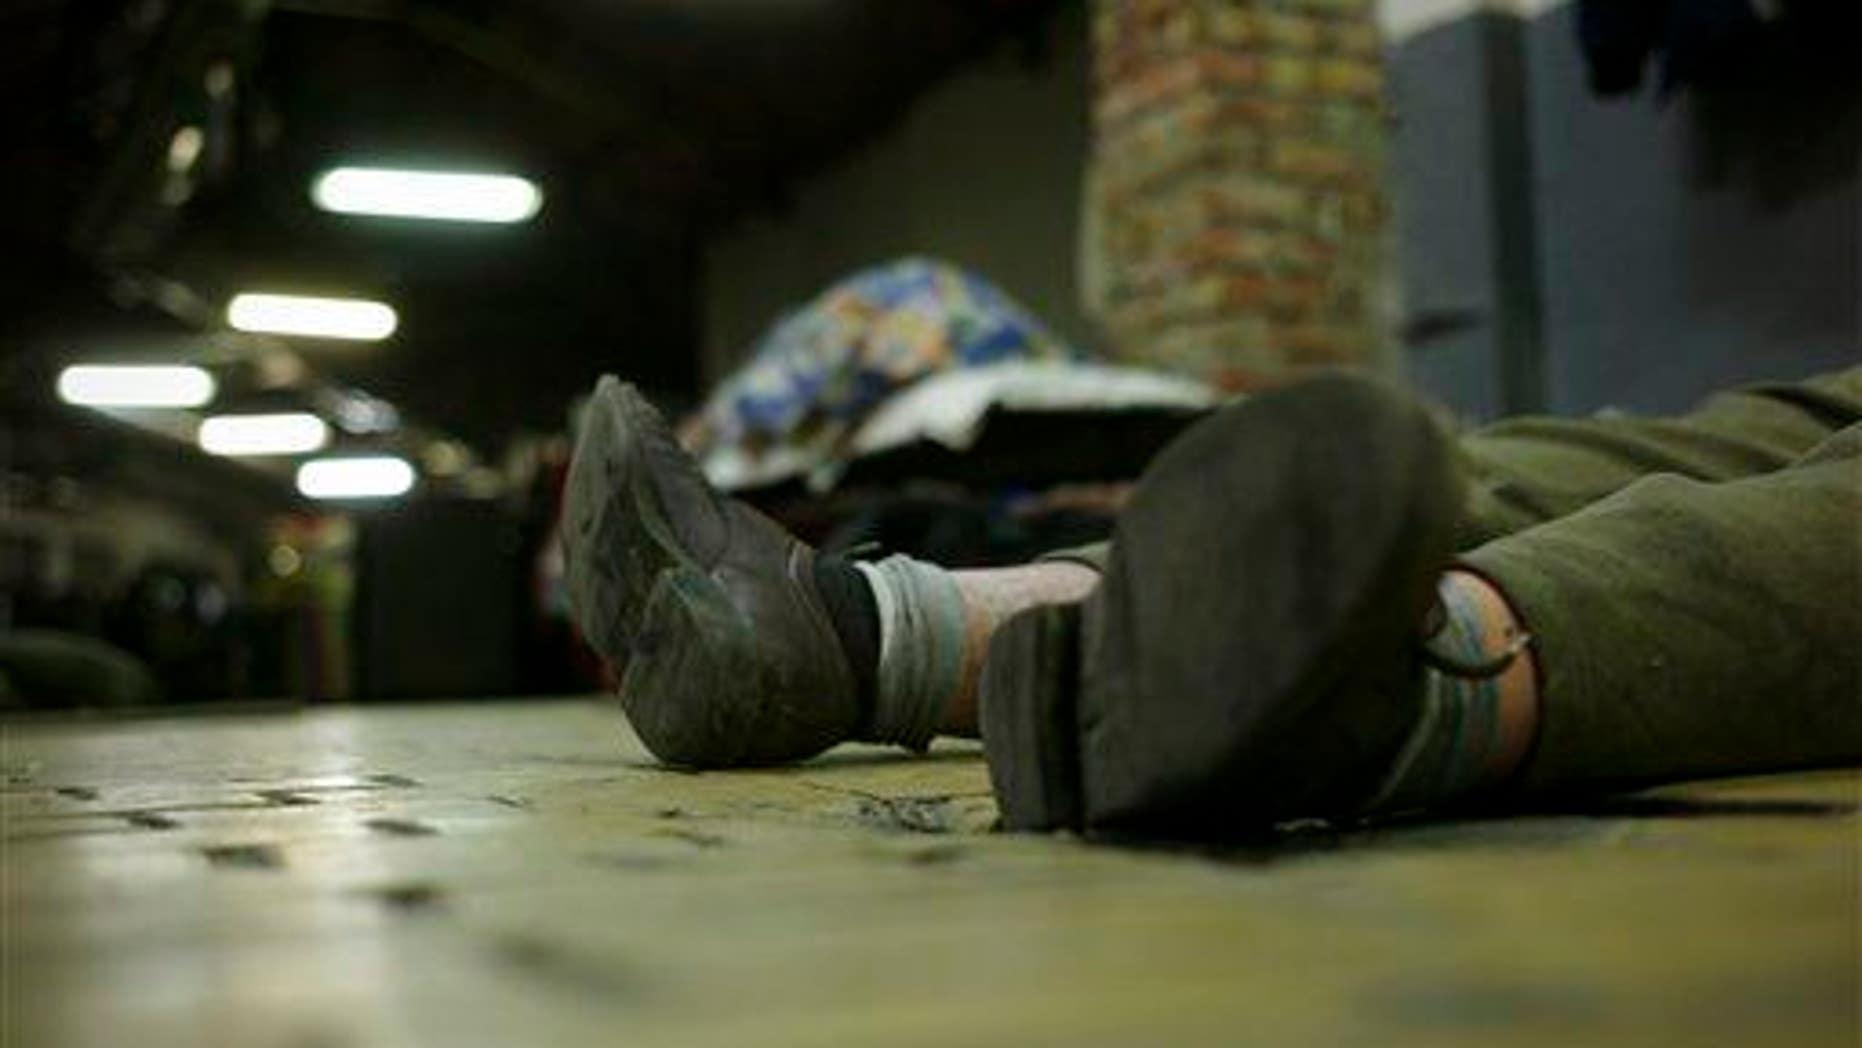 A man lies asleep on a floor.